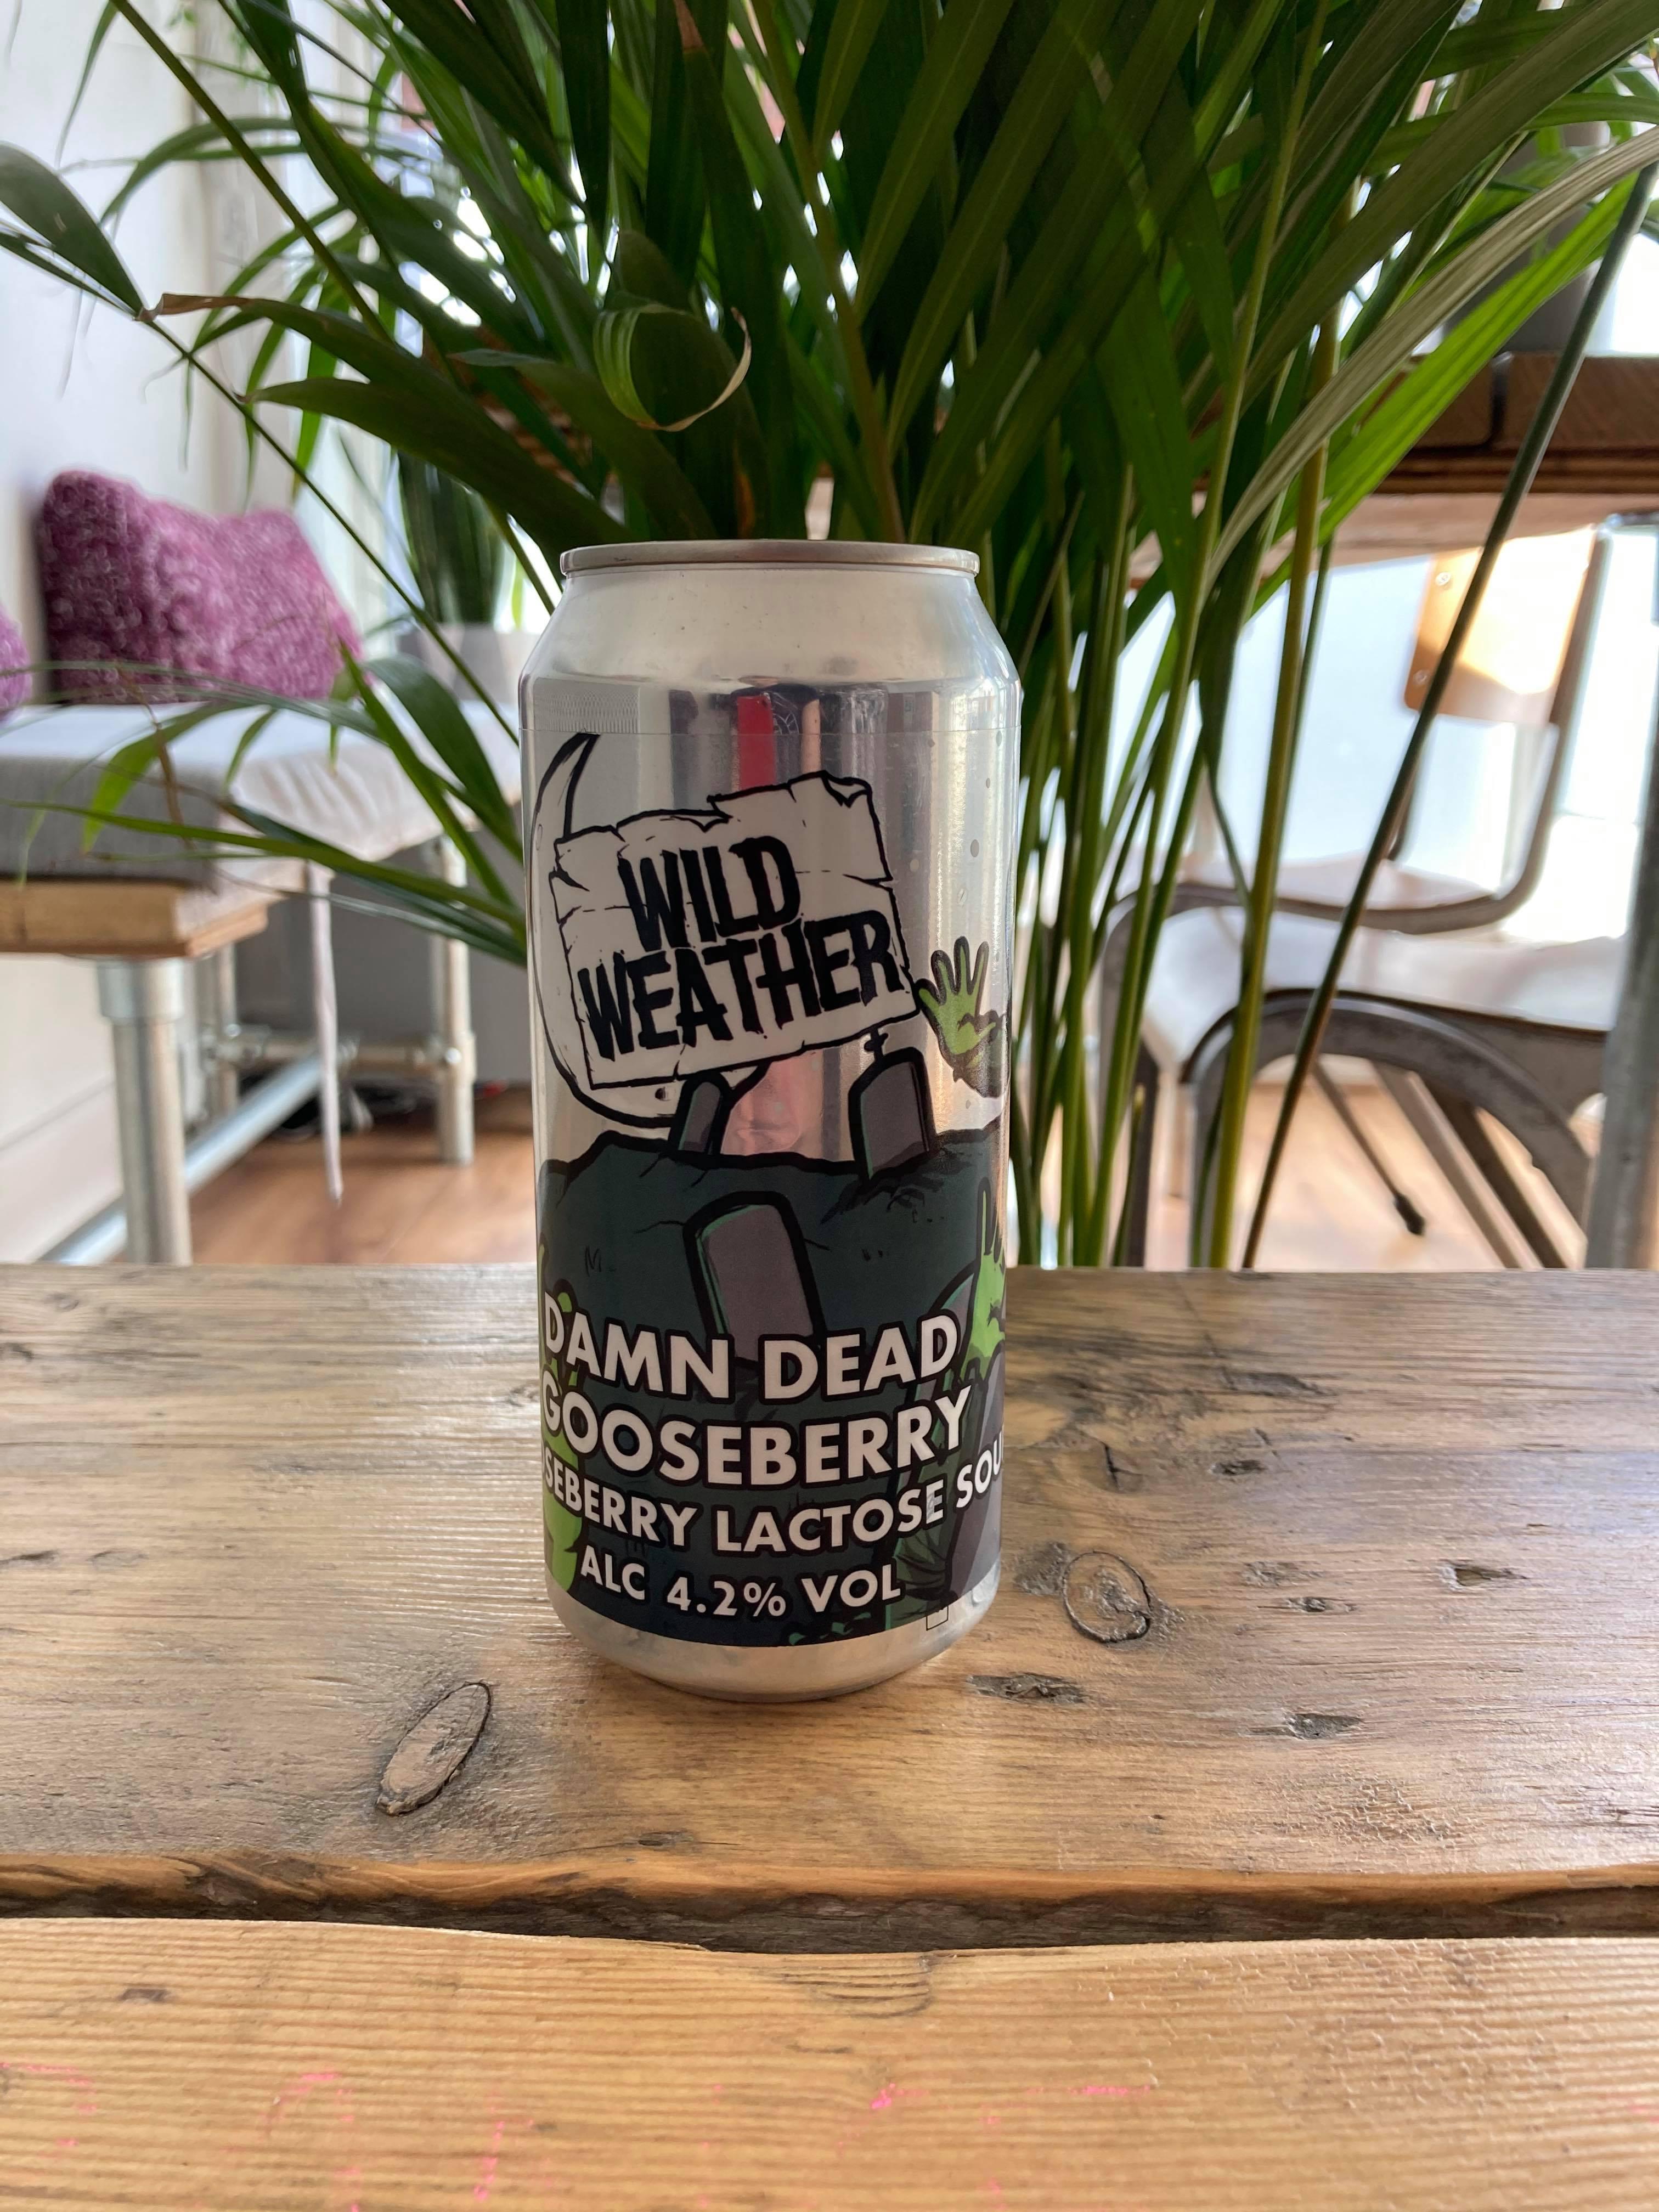 Wild Weather - Damn Dead Goseberry 4.2%